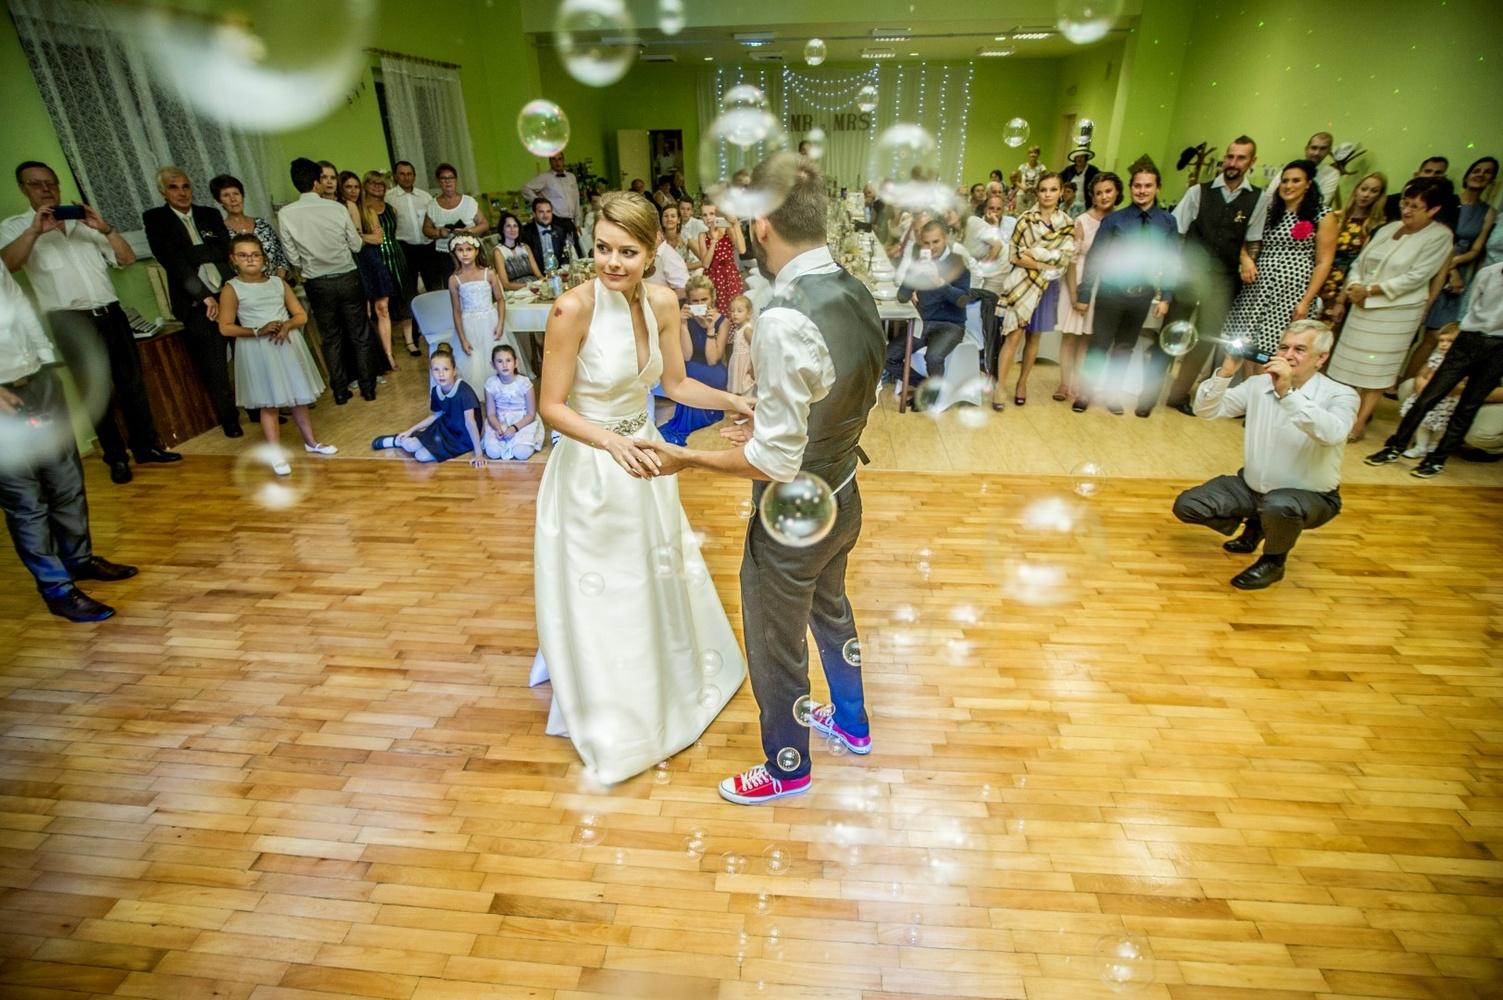 http://www.fotoz.sk/images/gallery-8/normal/eskuvoi-fotos_svadobny-fotograf_523.jpg